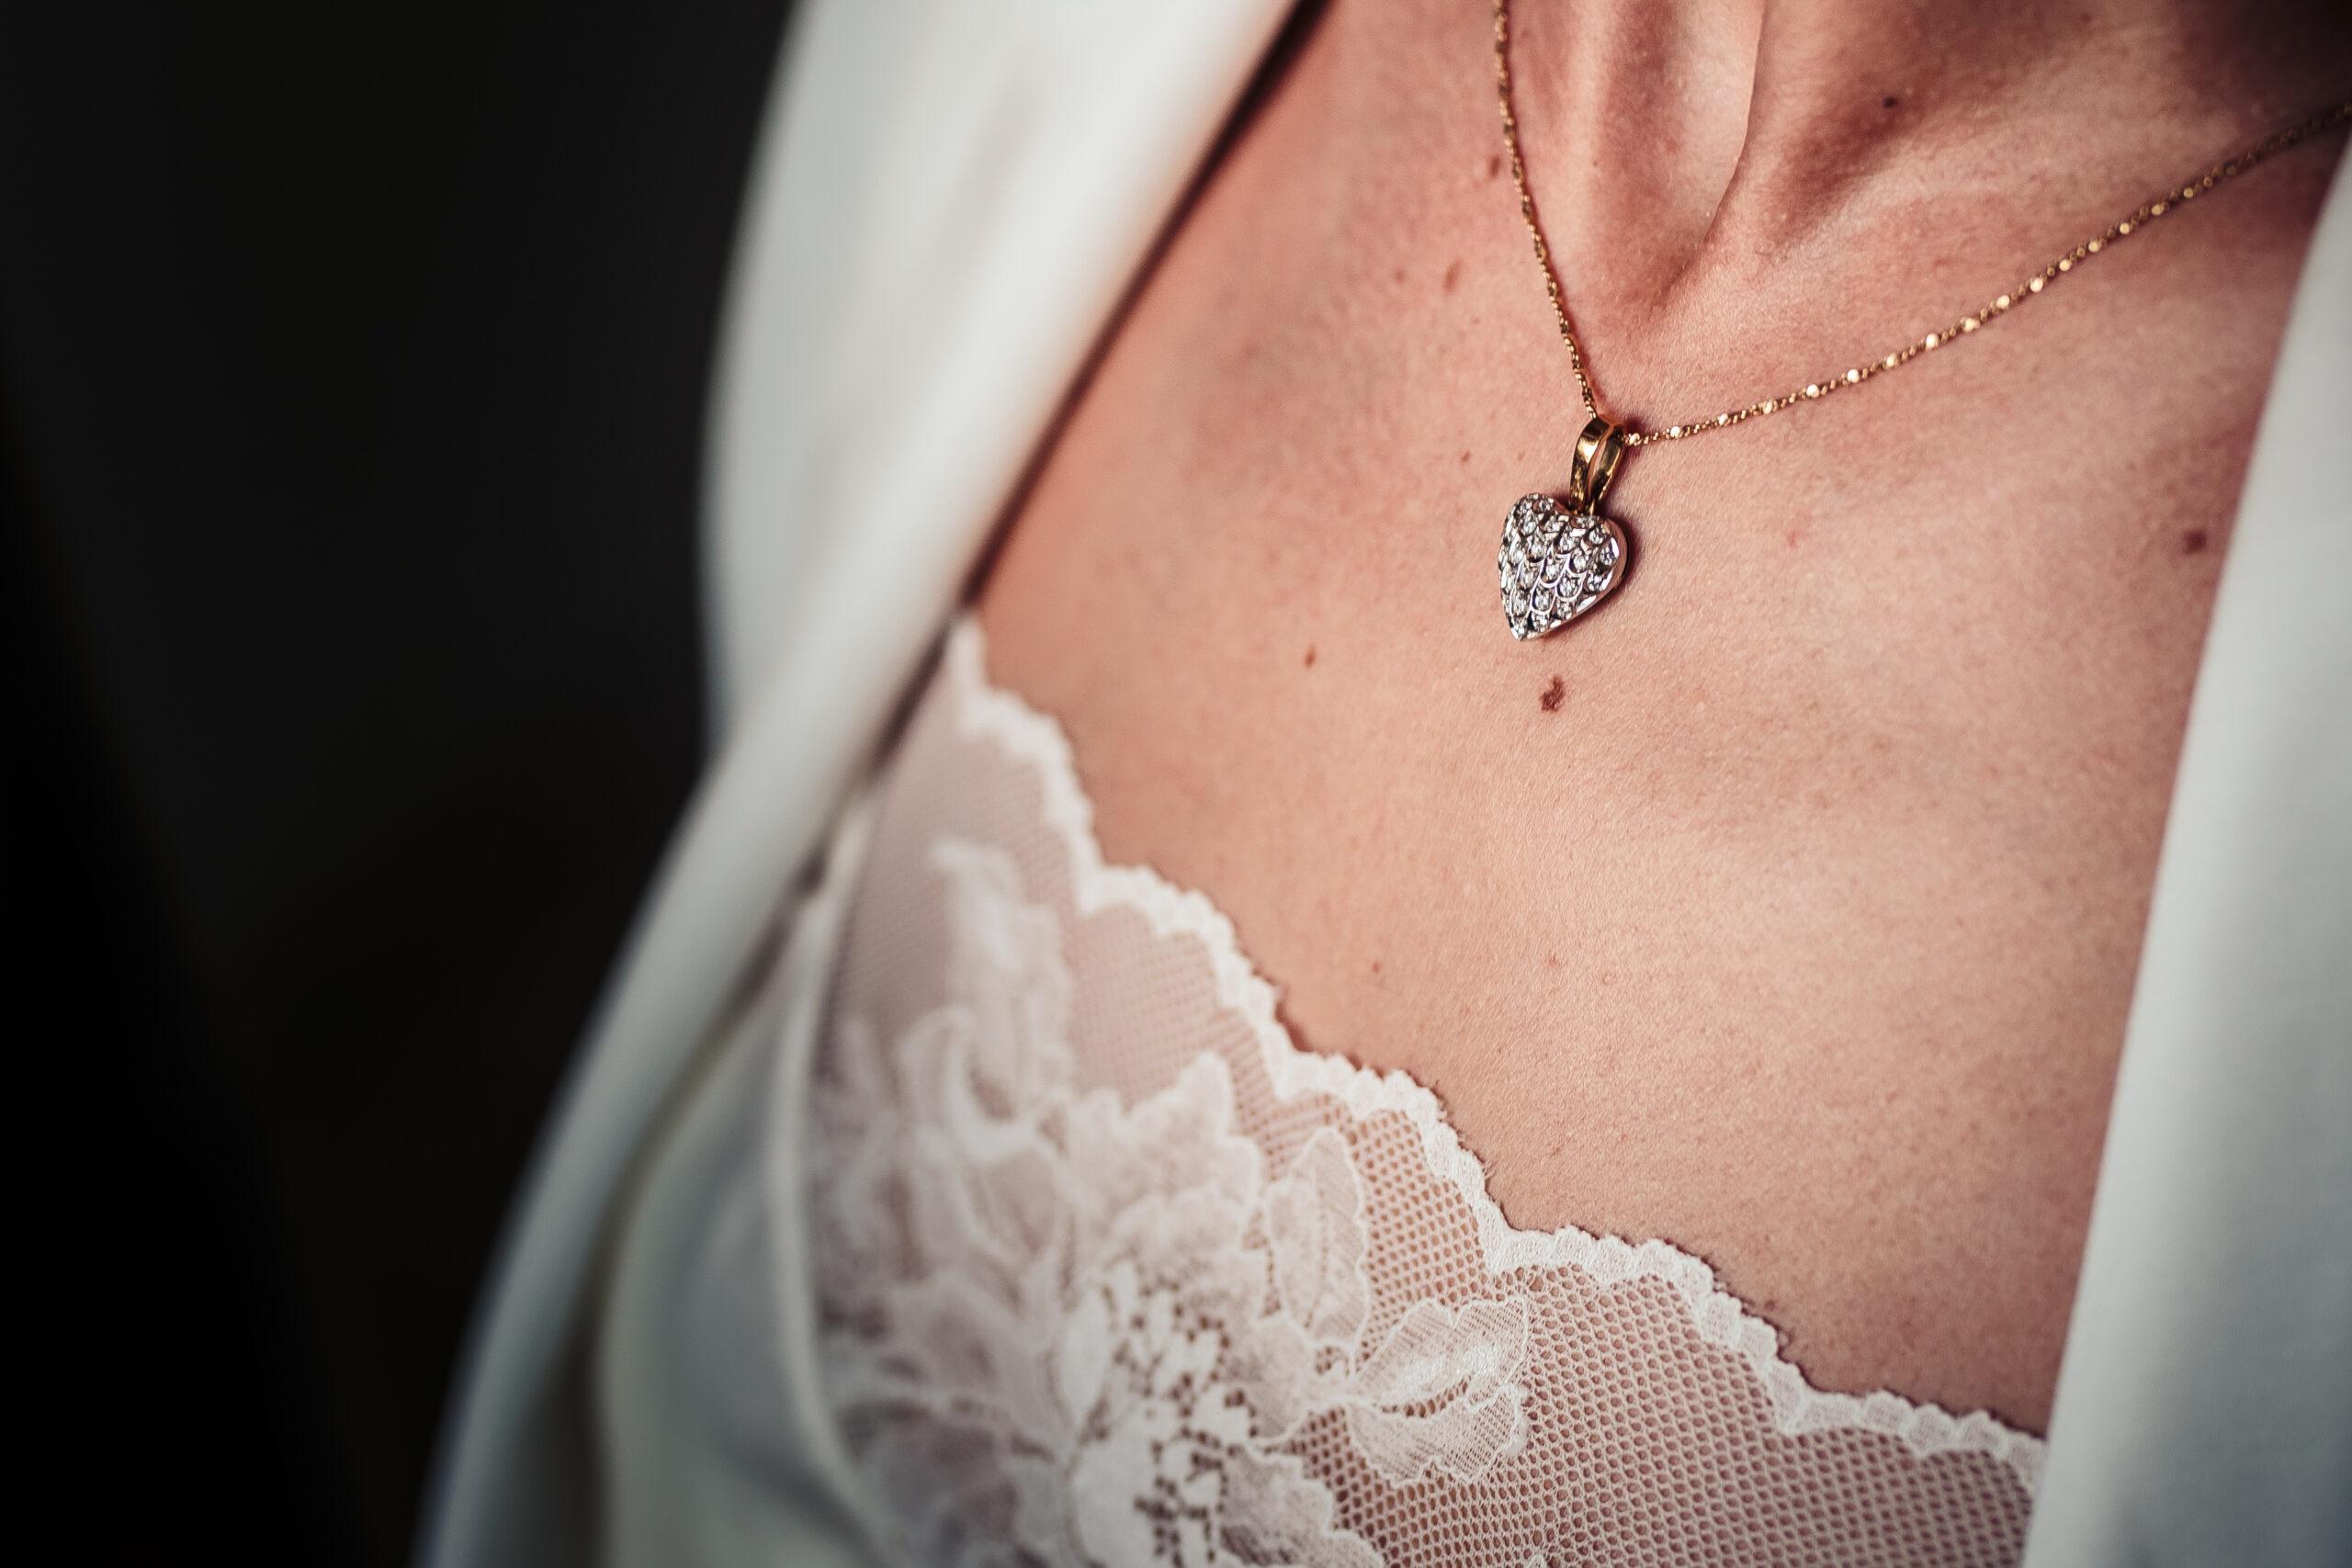 dettagli gioielli intimo preparativi sposa